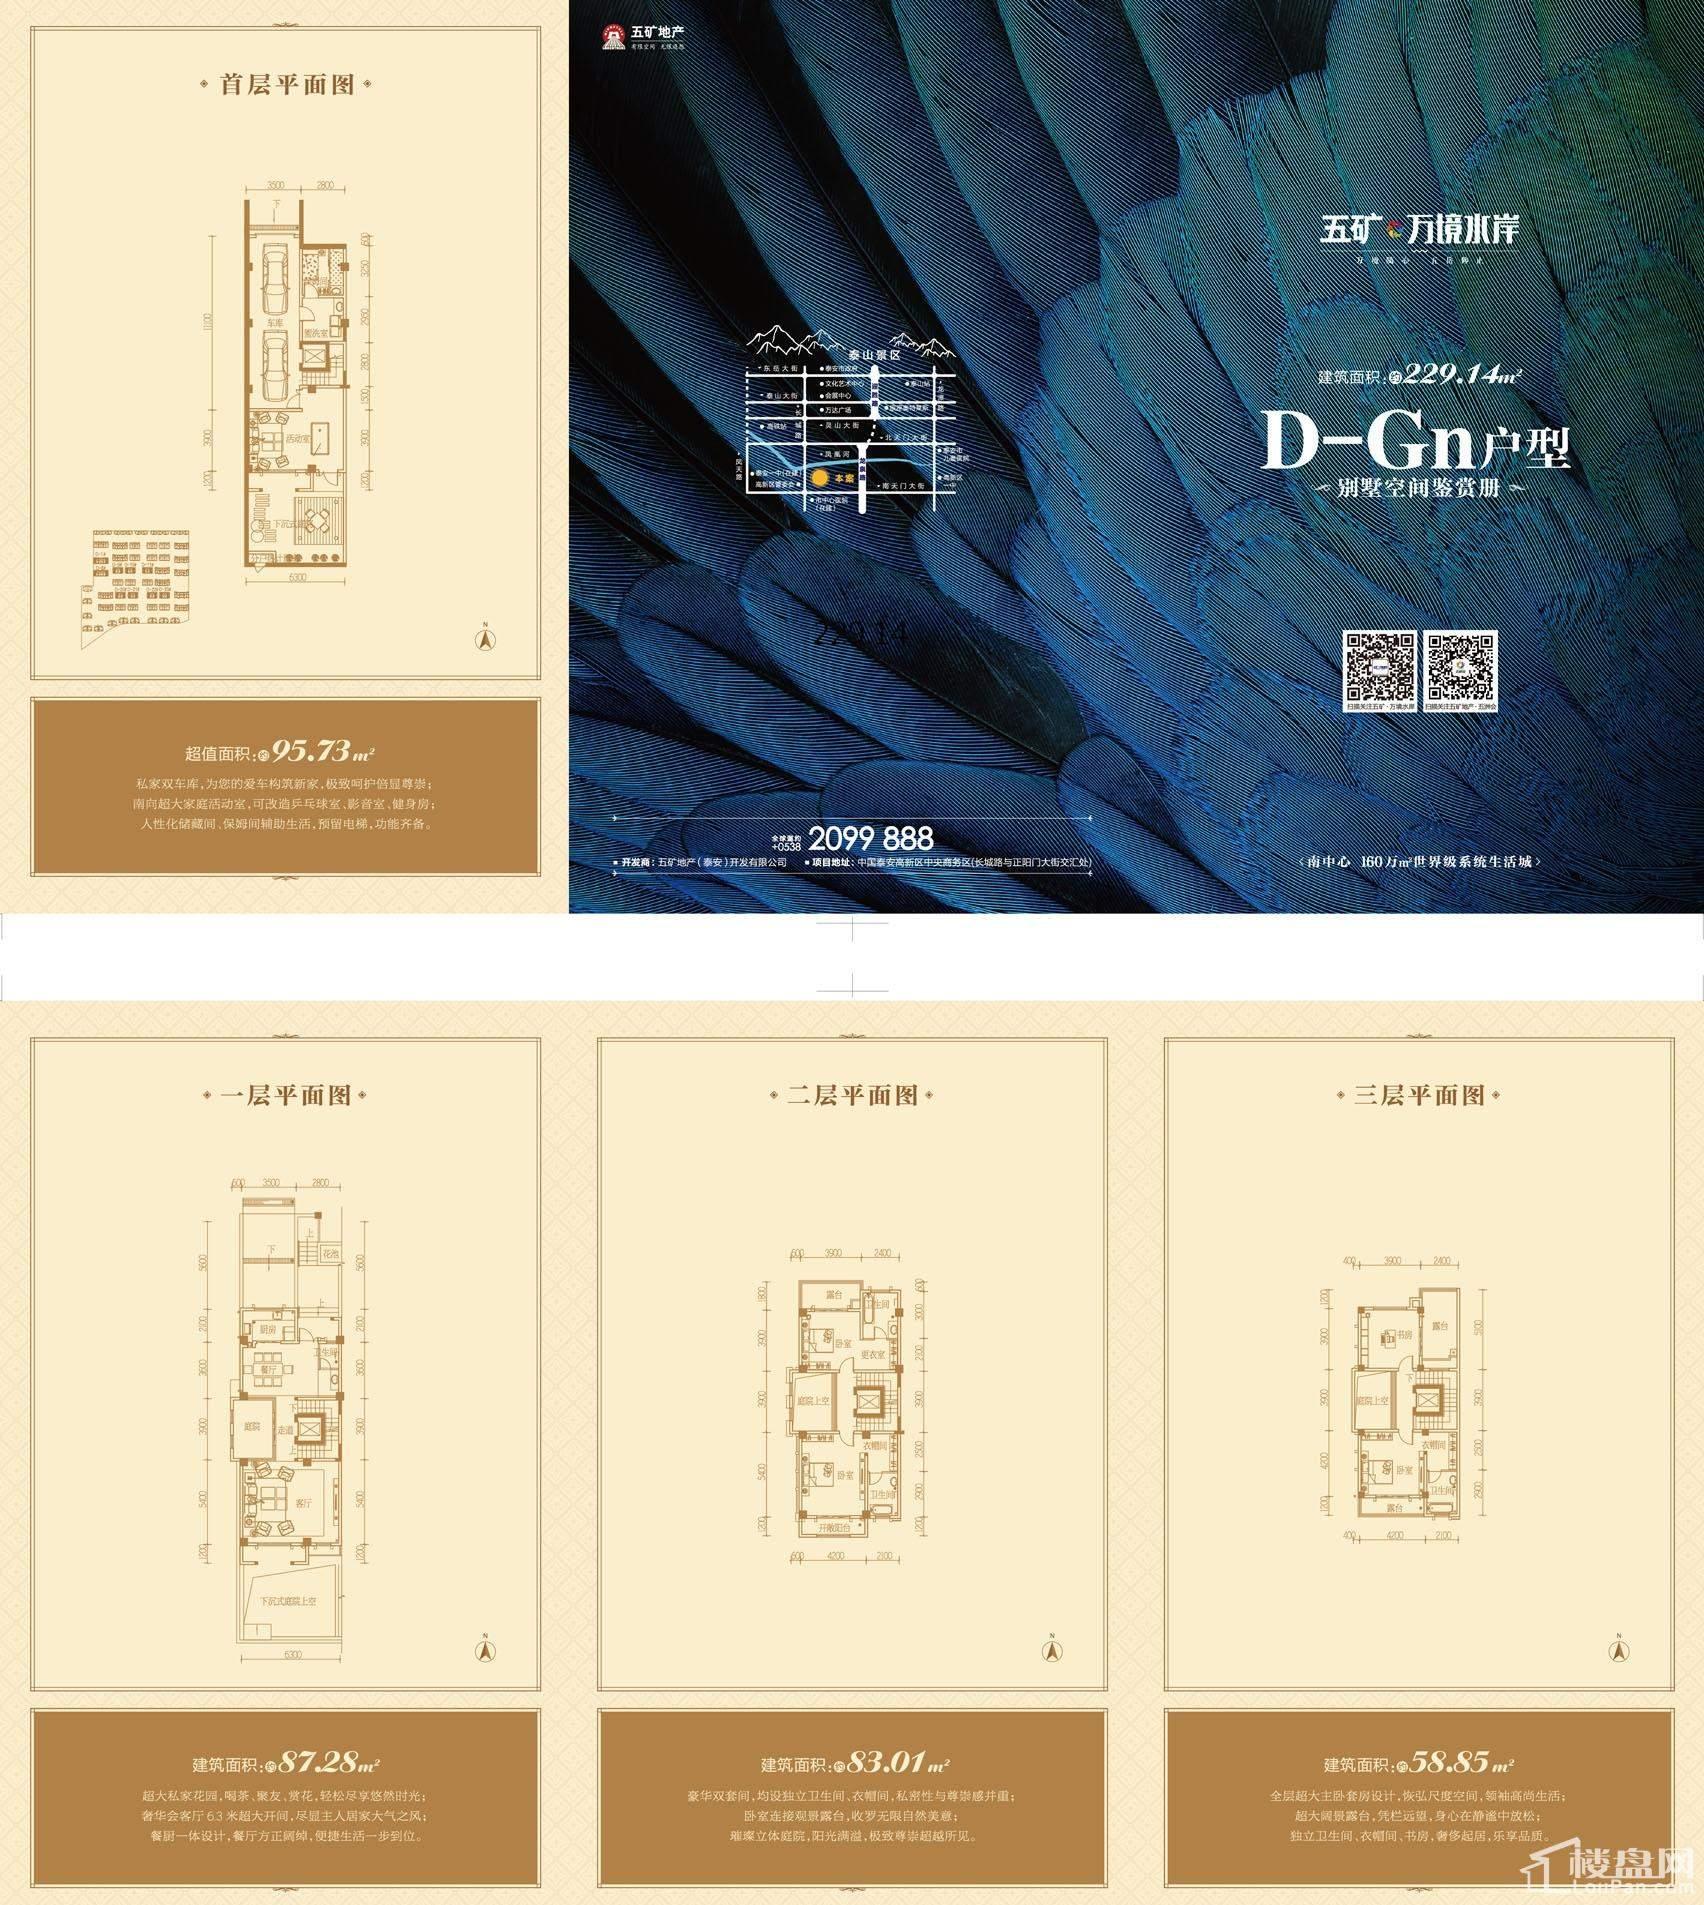 别墅户型D-DG地上建筑面积229.14+赠送面积95.73